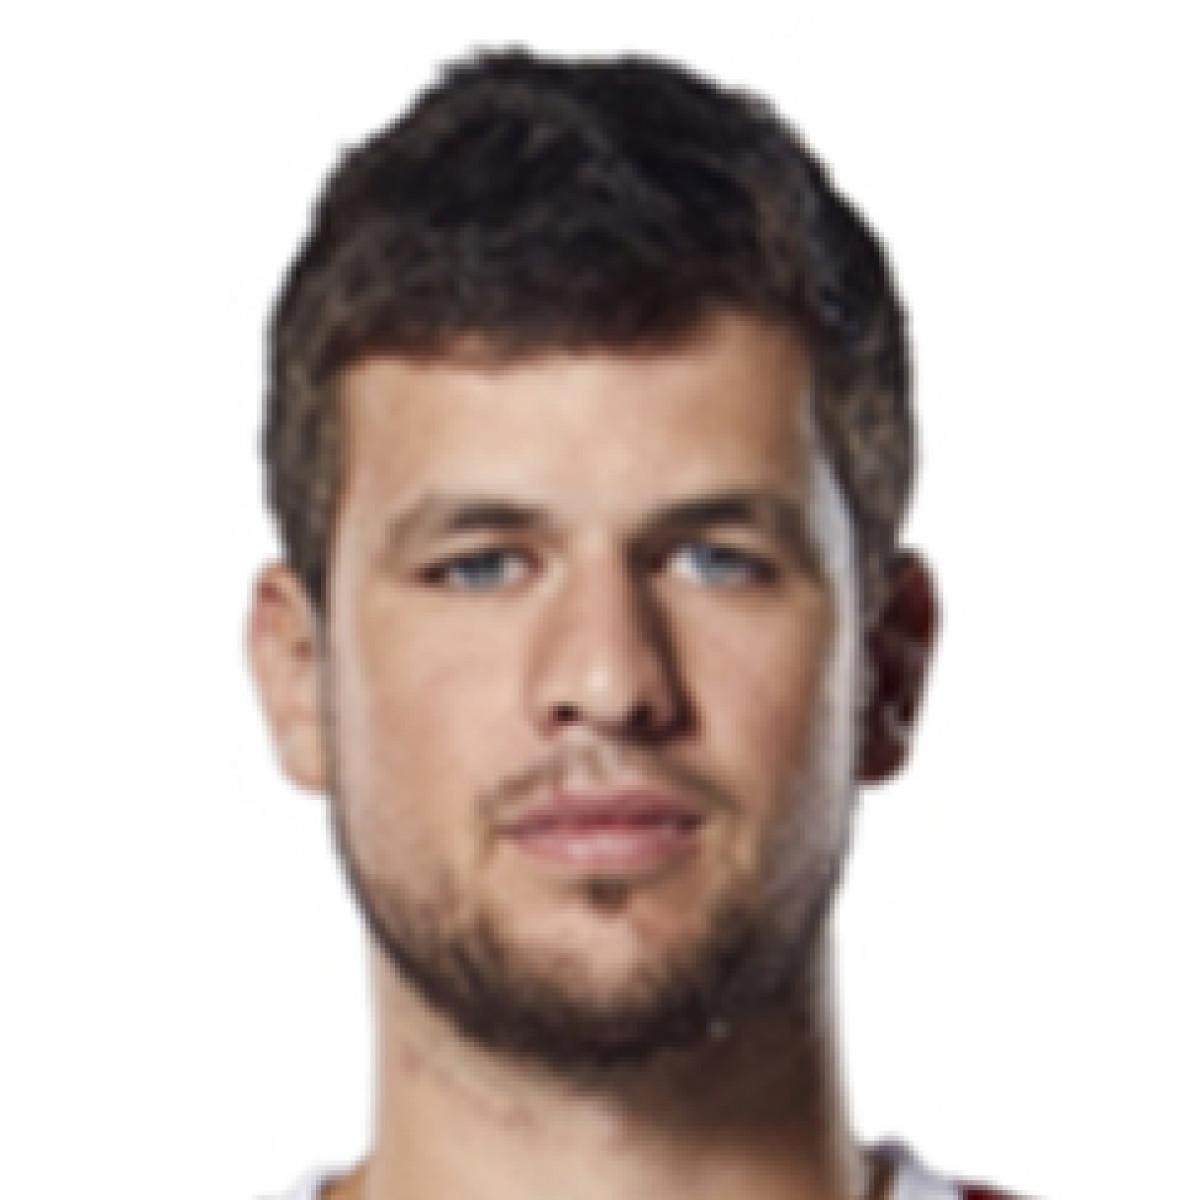 Marc Nagora